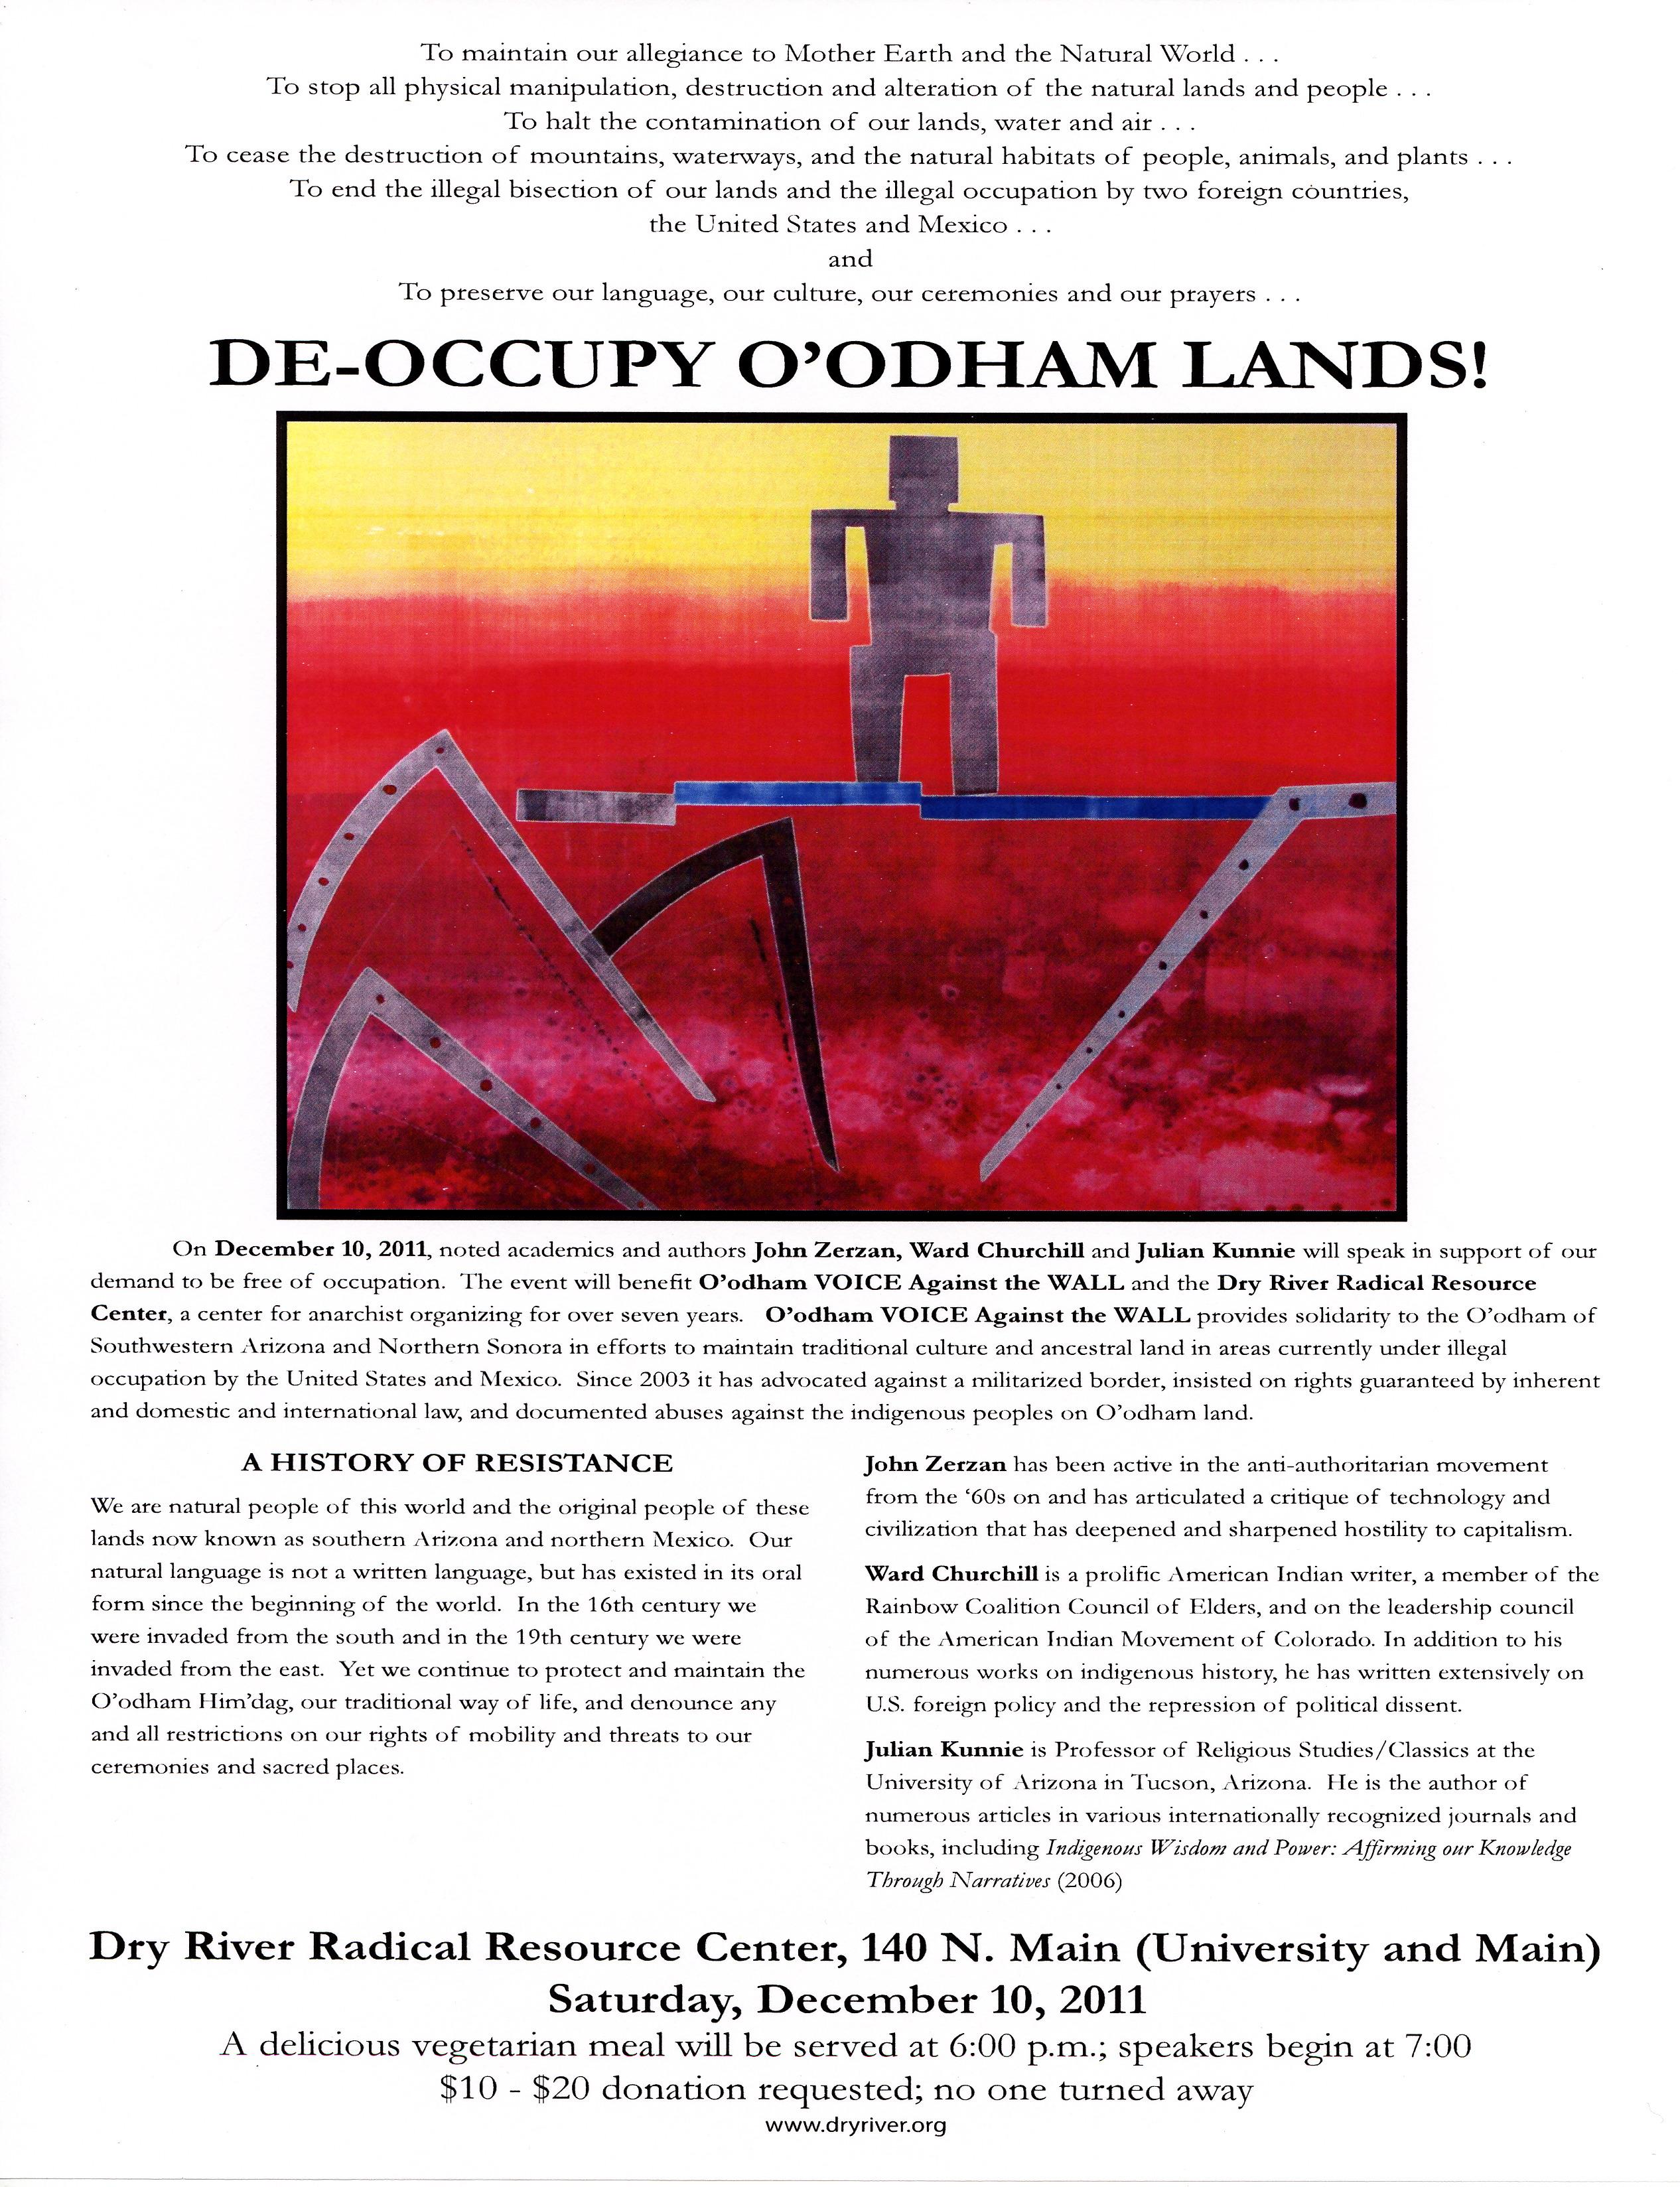 de-occupy!